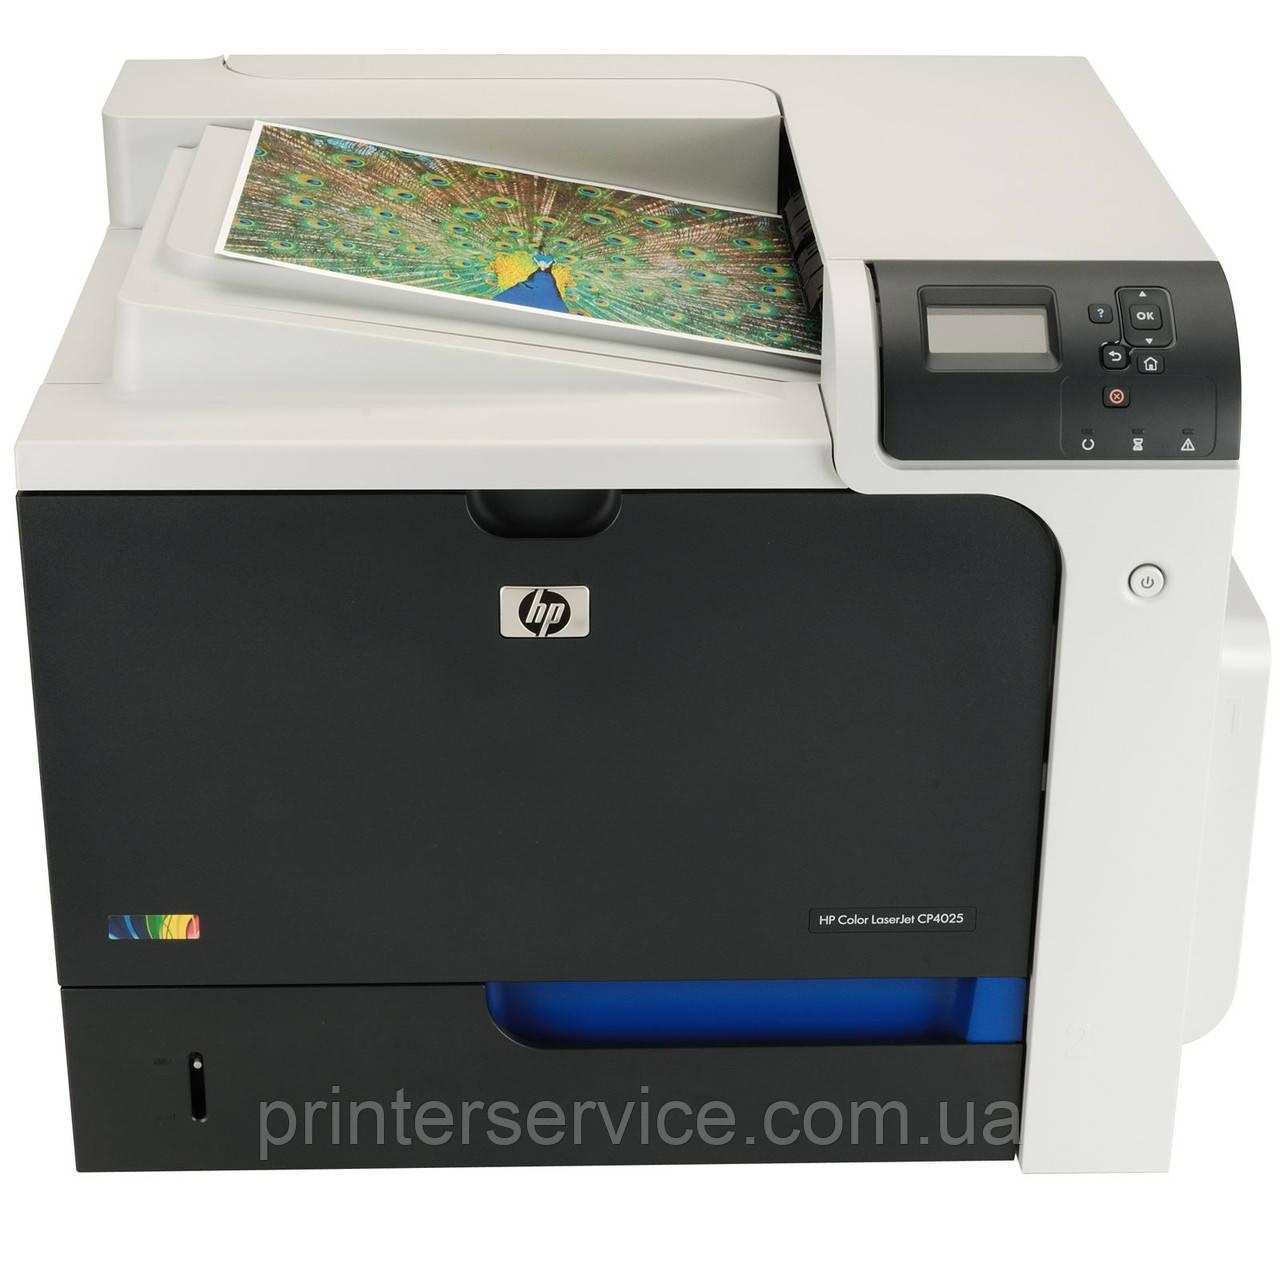 БУ цветной лазерный принтер HP color laserjet enterprise CP4025dn формата А4